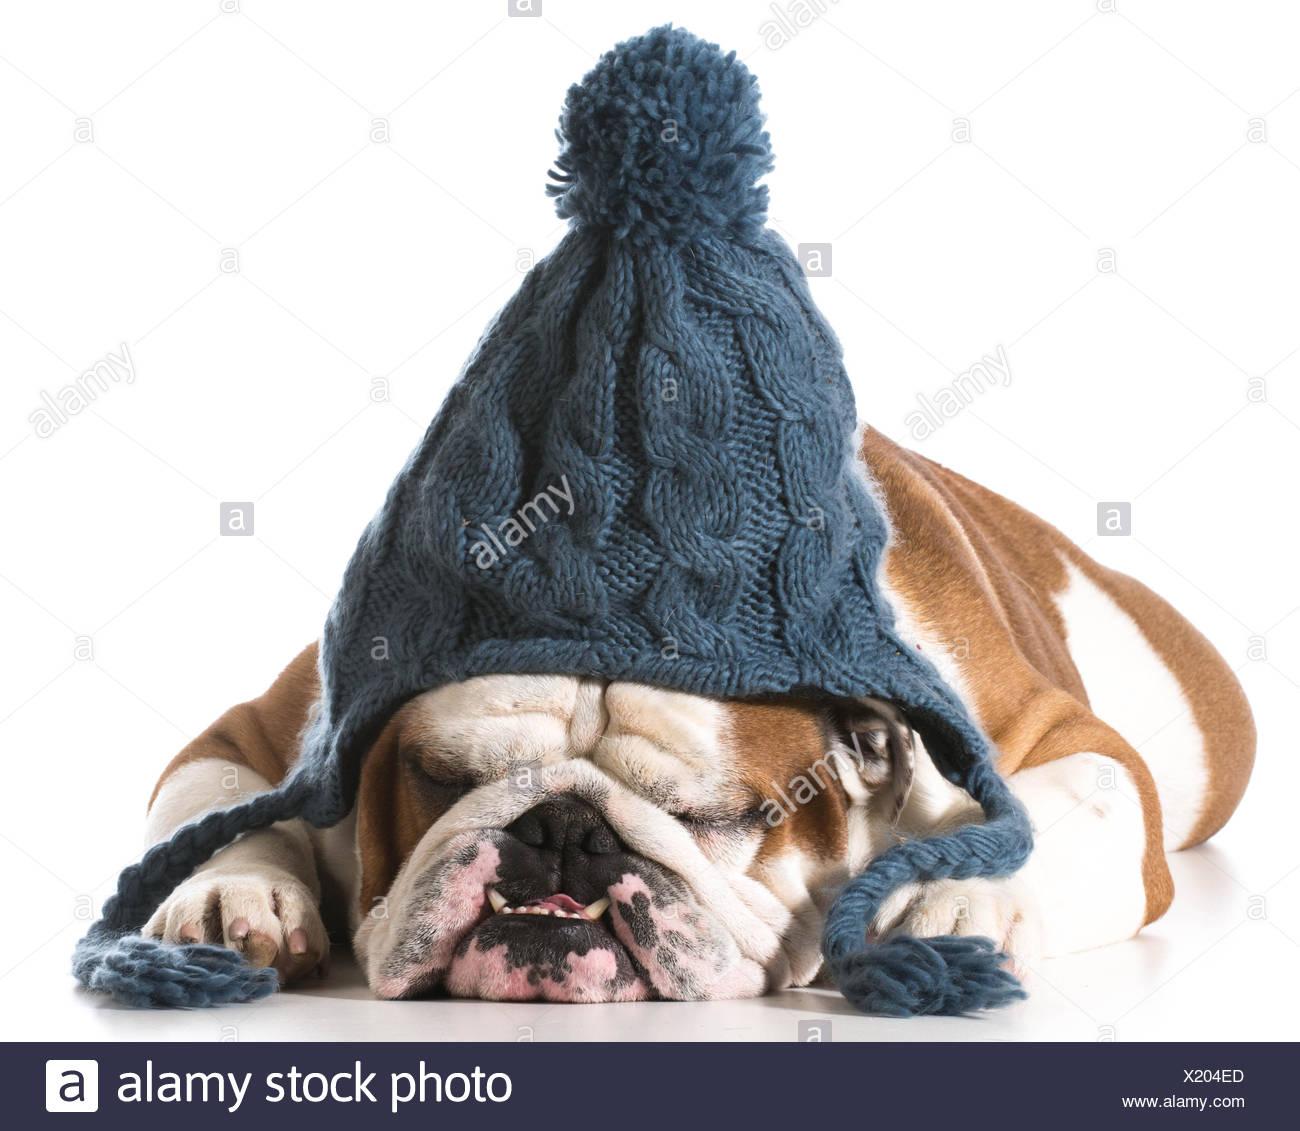 Cane indossando maglia Cappello invernale su sfondo bianco - Bulldog inglese 95d4d4781843